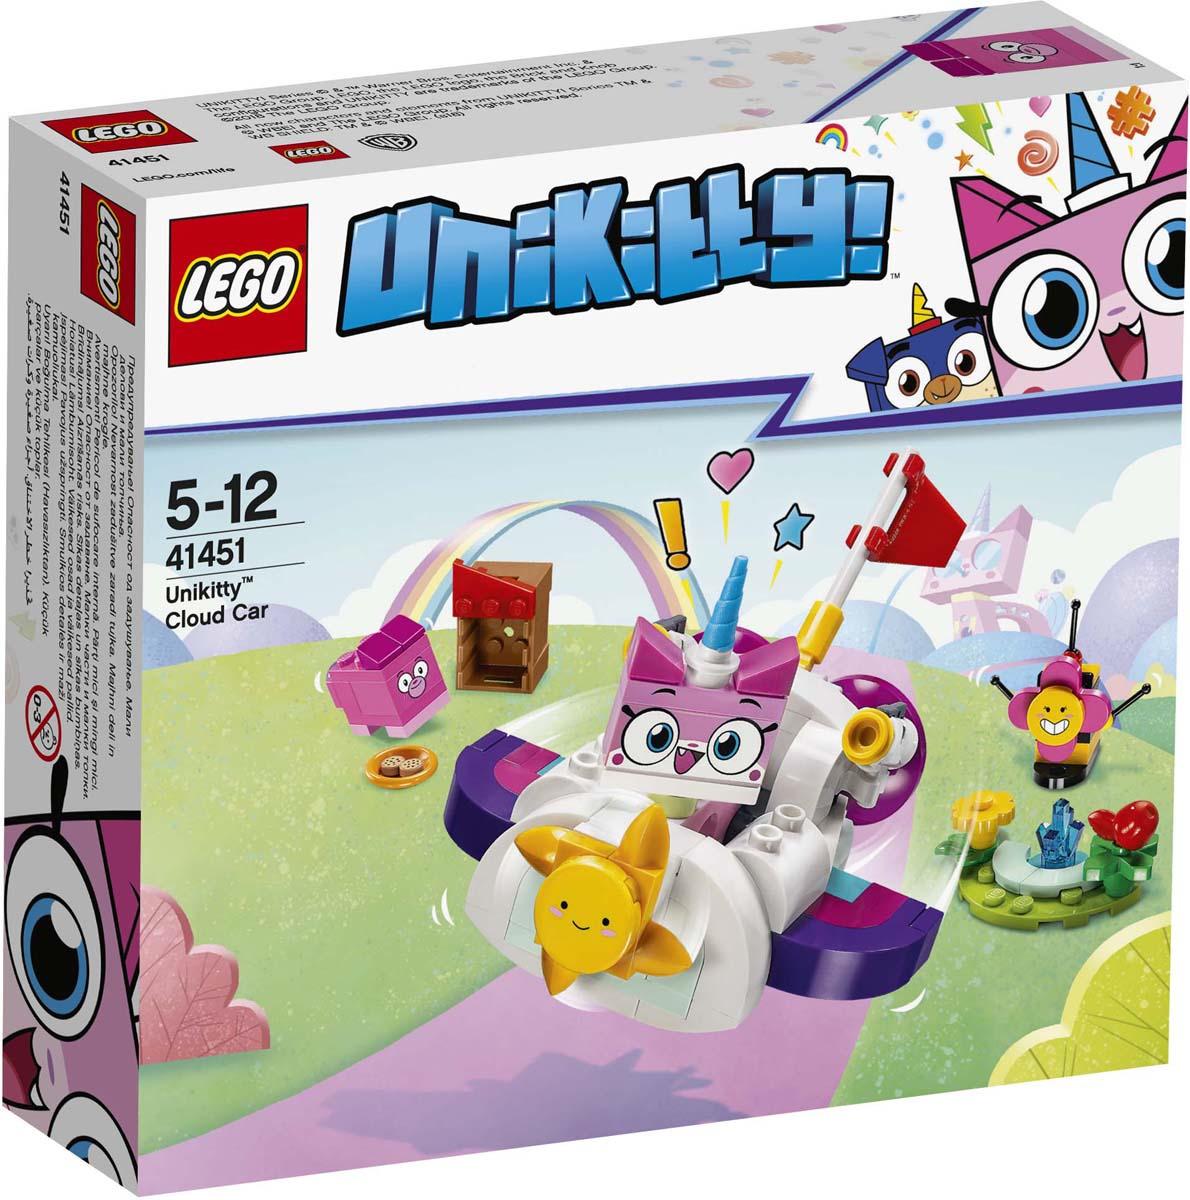 Конструктор LEGO Unikitty Машина-облако. 41451 lego животные в парке 31044